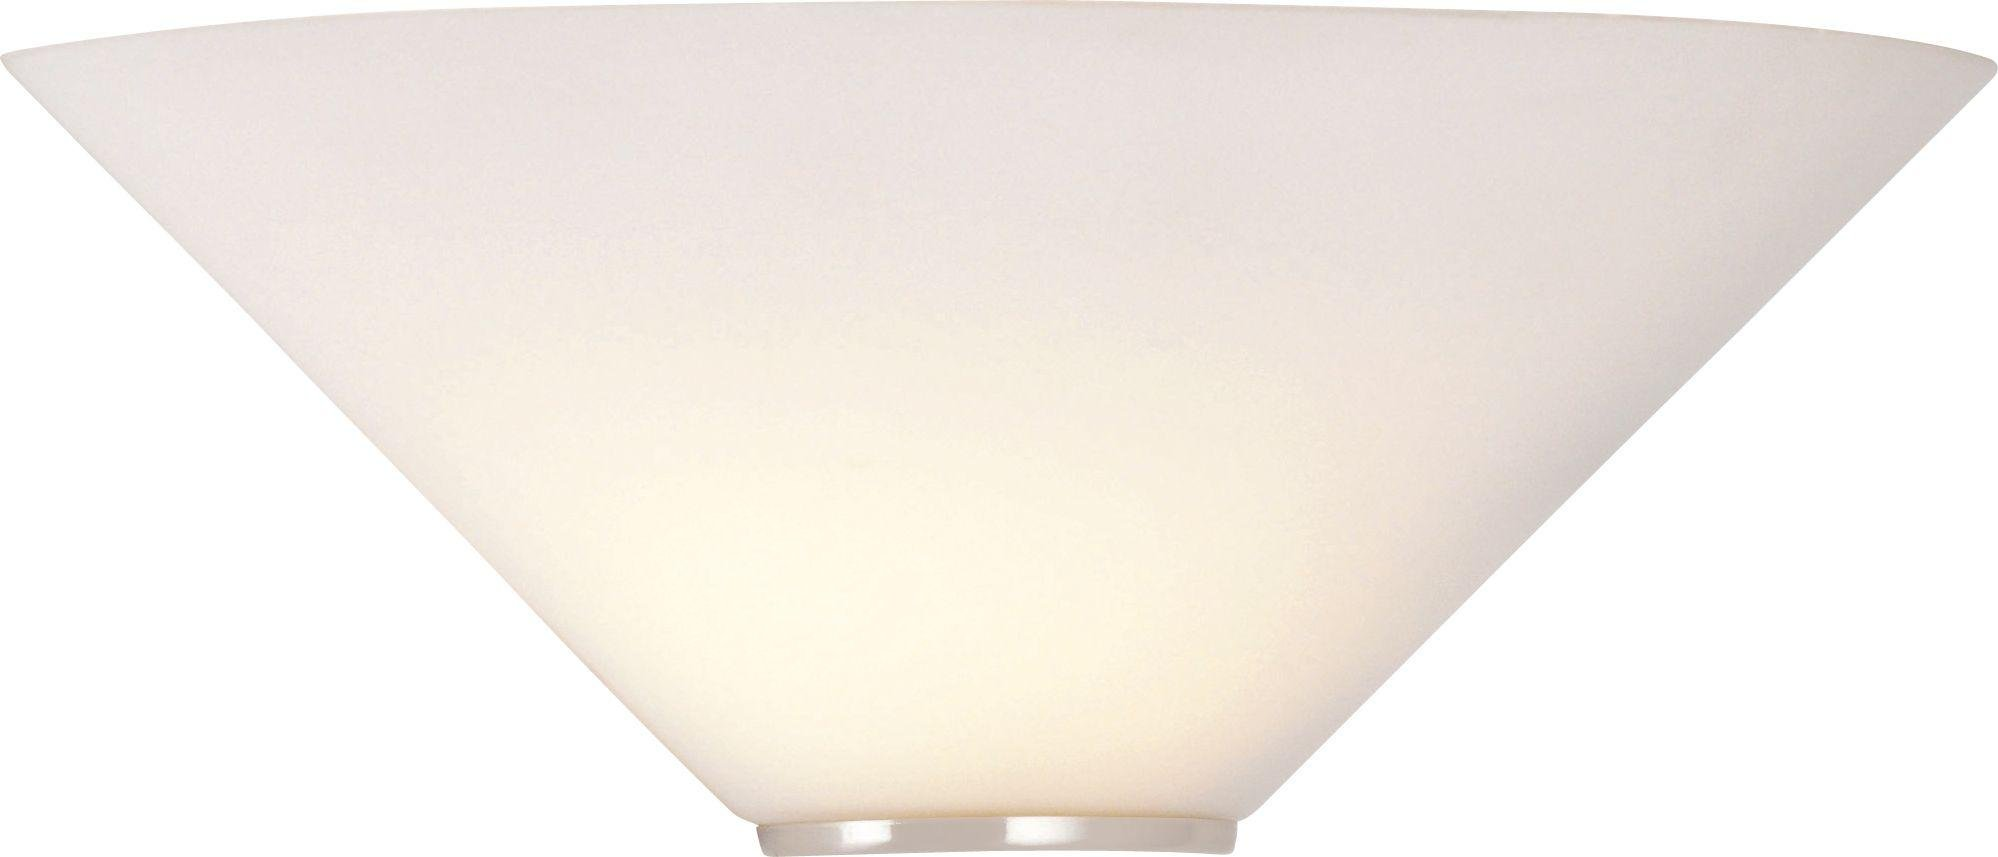 Argos Home Mozart Glass Uplighter Wall Light